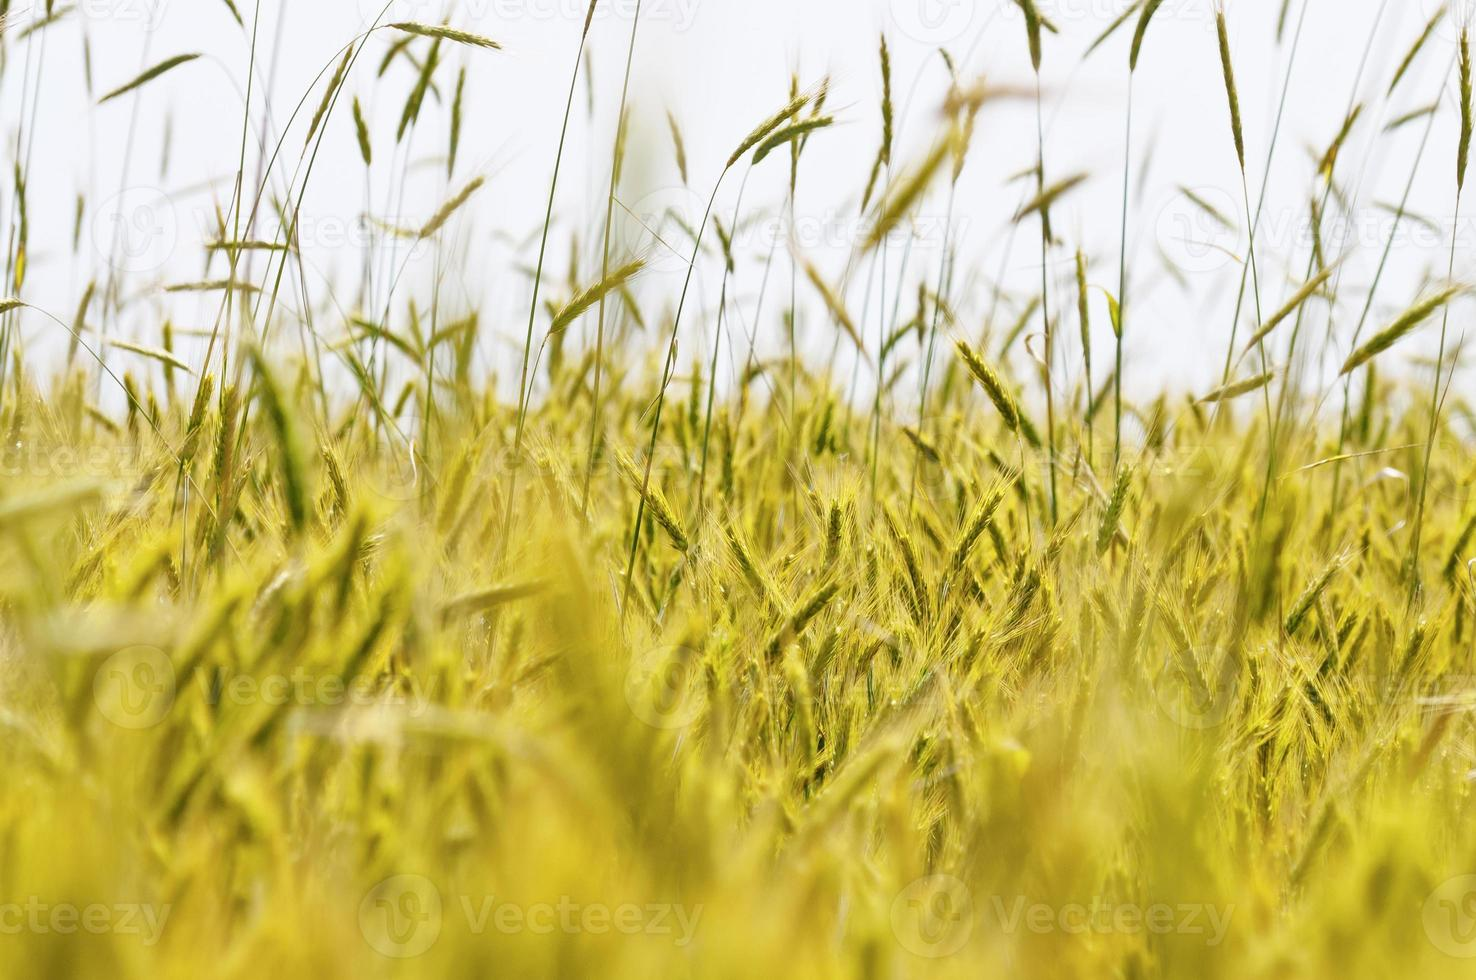 détail de blé vert photo